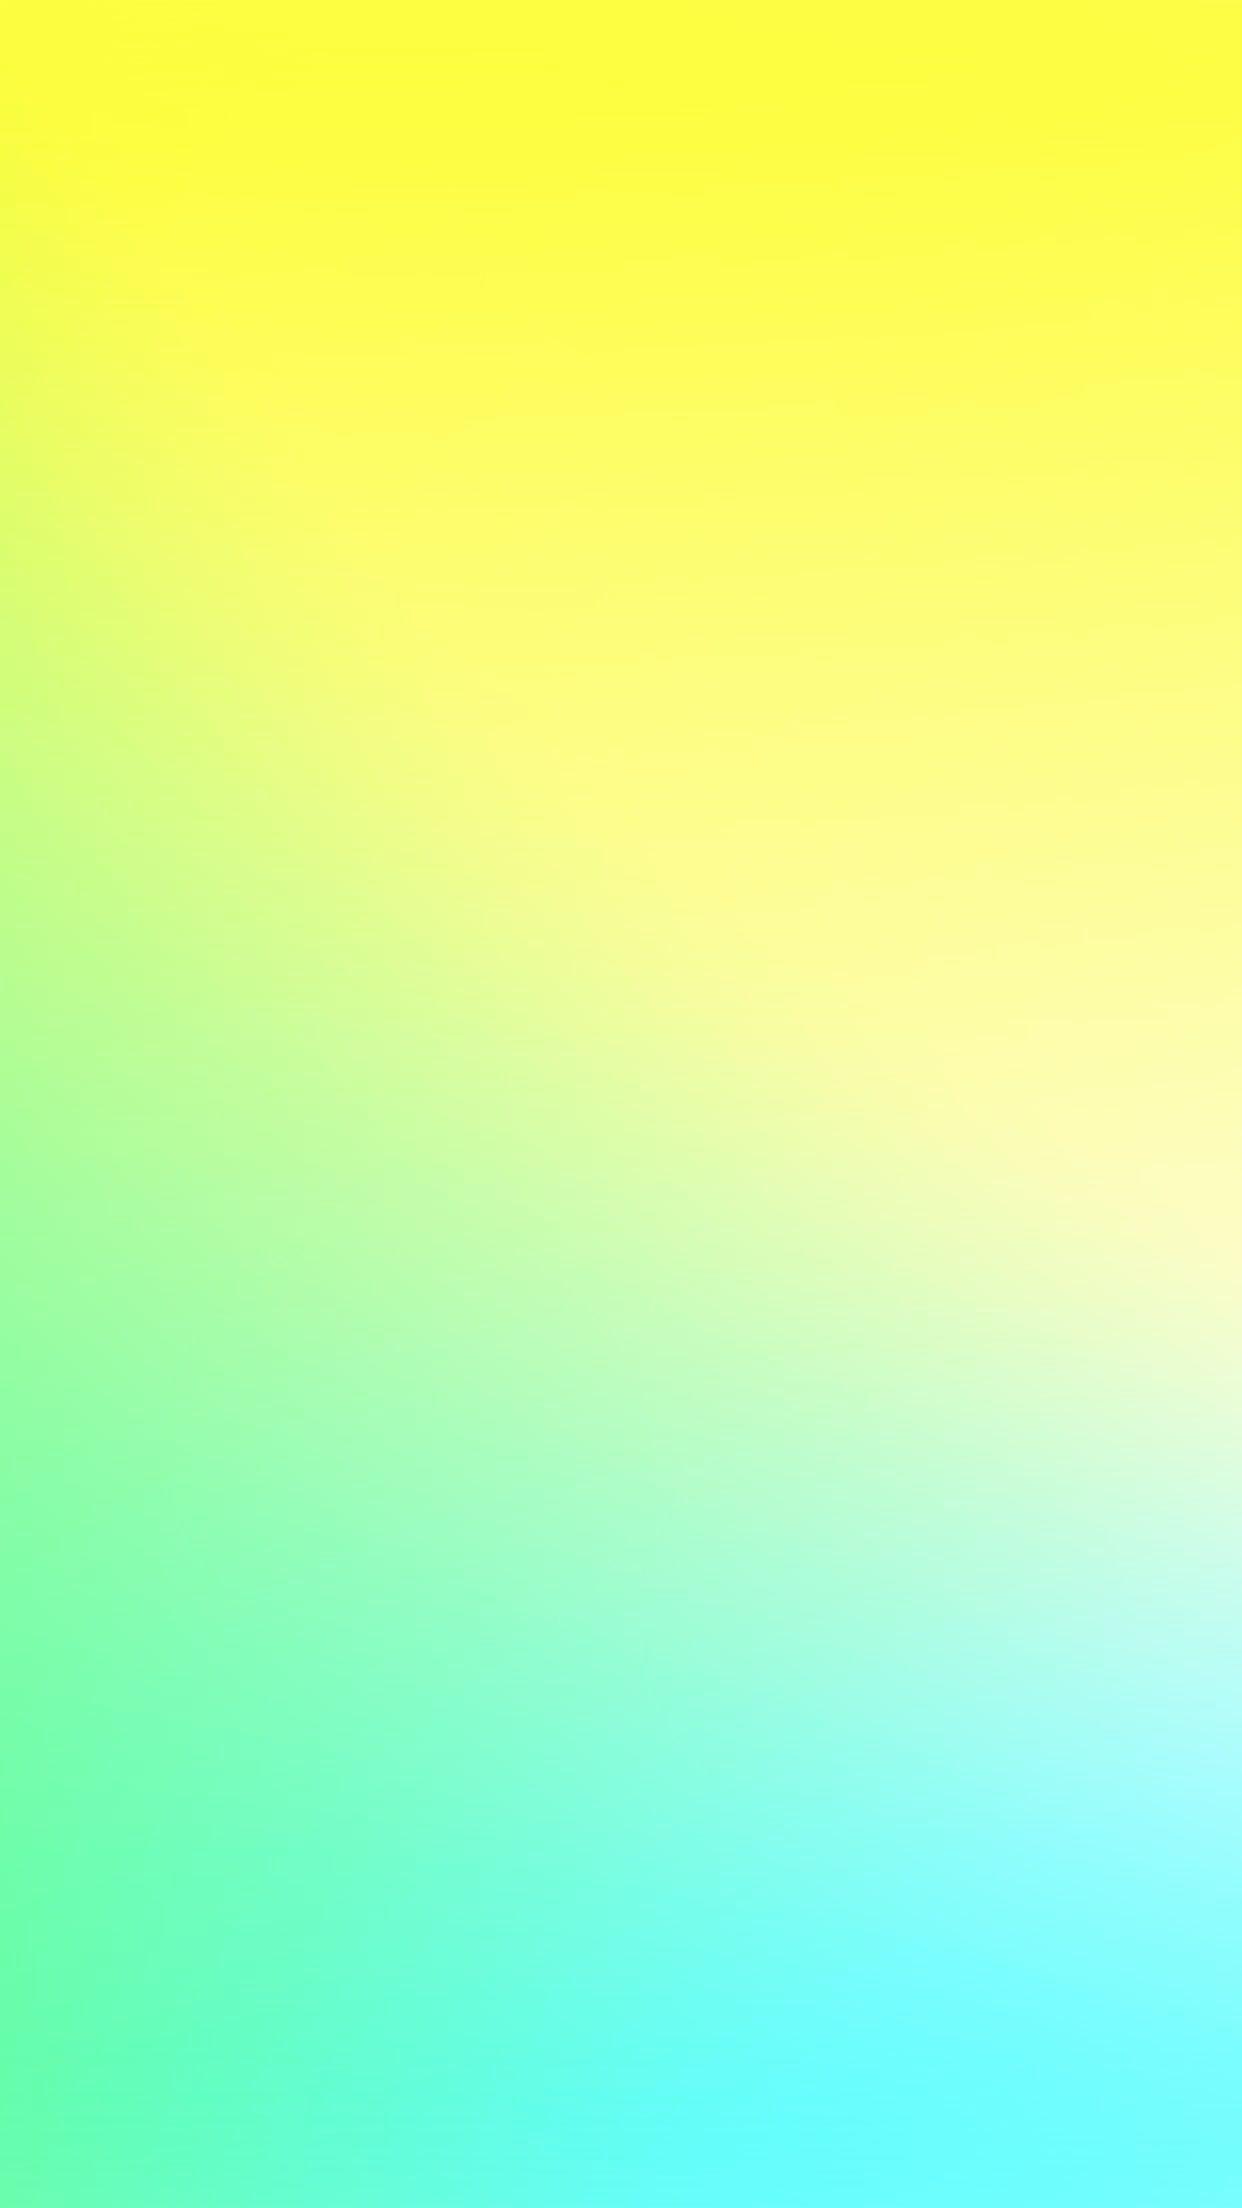 1242x2208 Hình nền Ombre xanh vàng